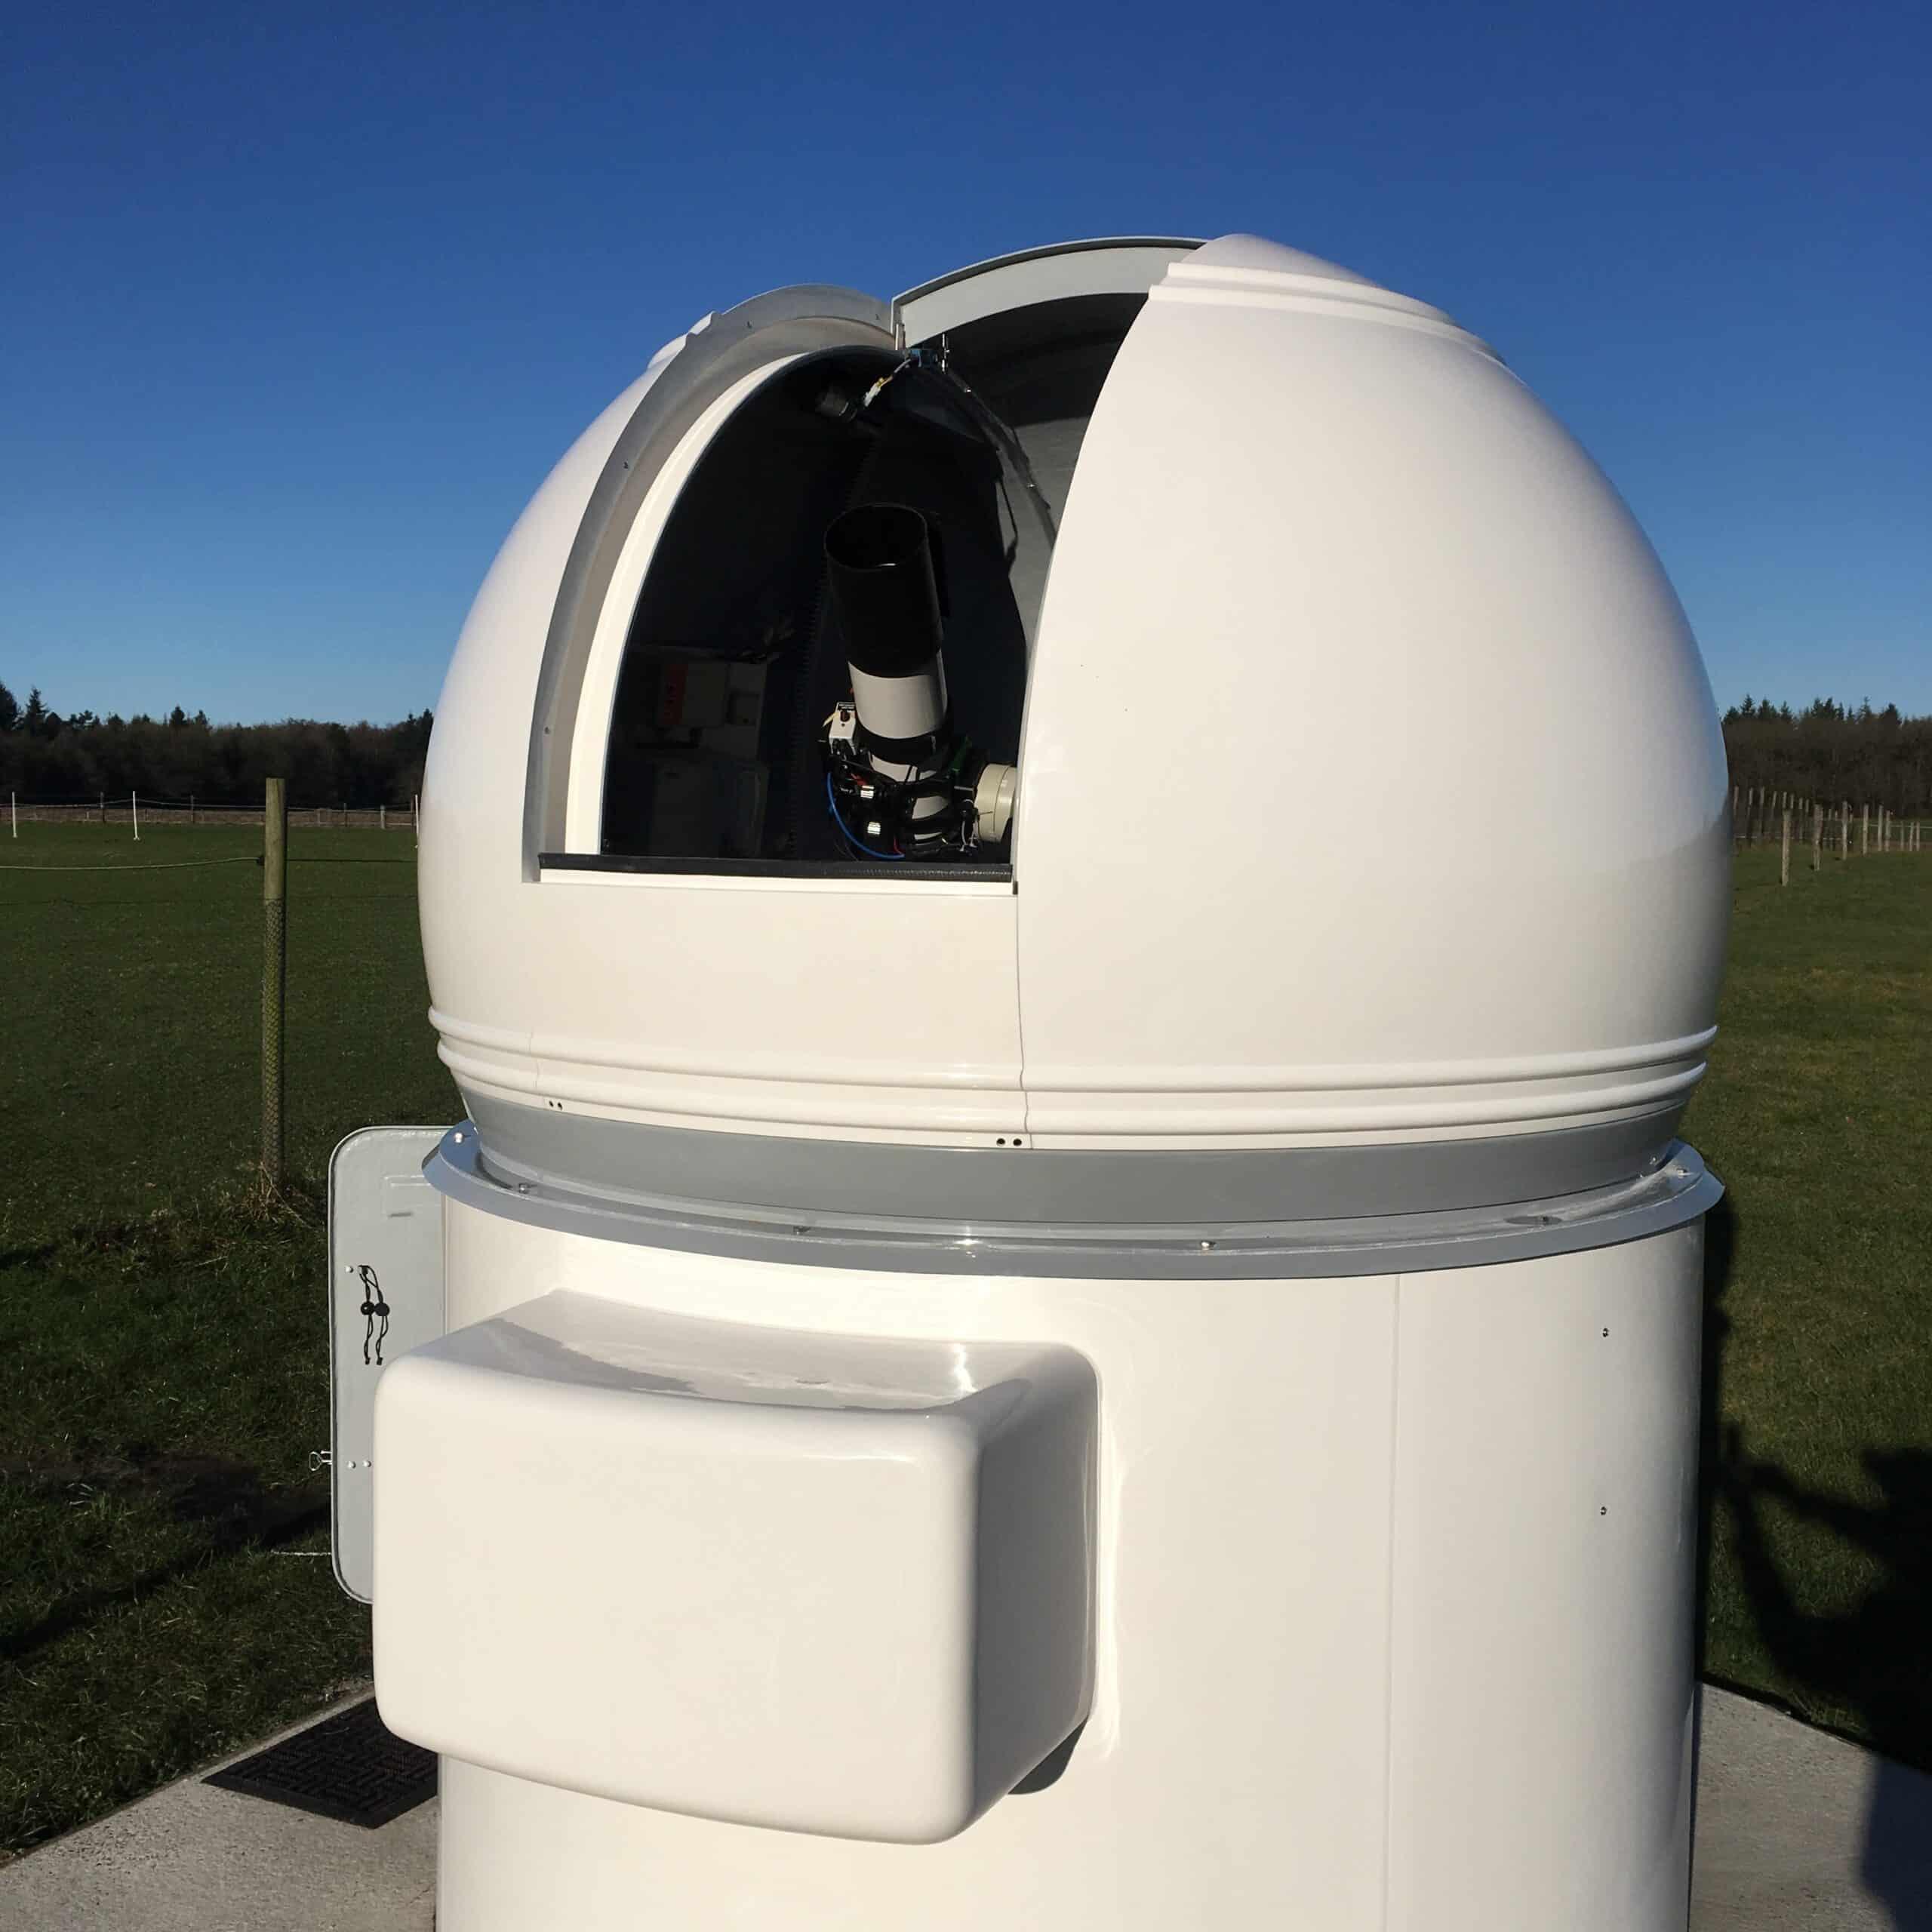 """Eindelijk is het dan zo ver. Mijn observatoriummetje is operationeel! Ik heb hem """"Sterrenwacht"""